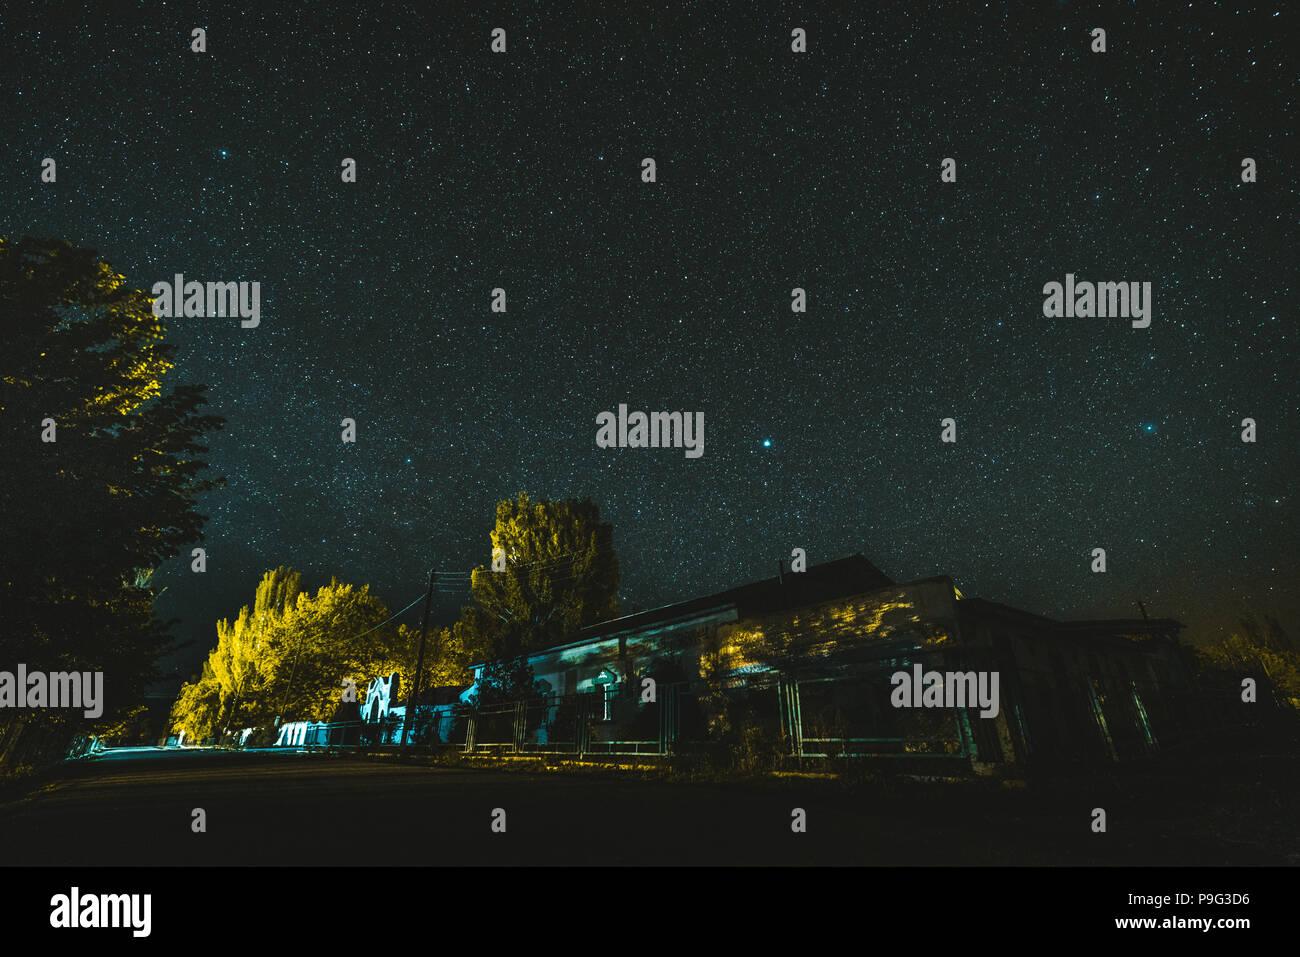 Nacht Landschaft, Dorf Haus unter die Sterne in der Nacht Stockbild